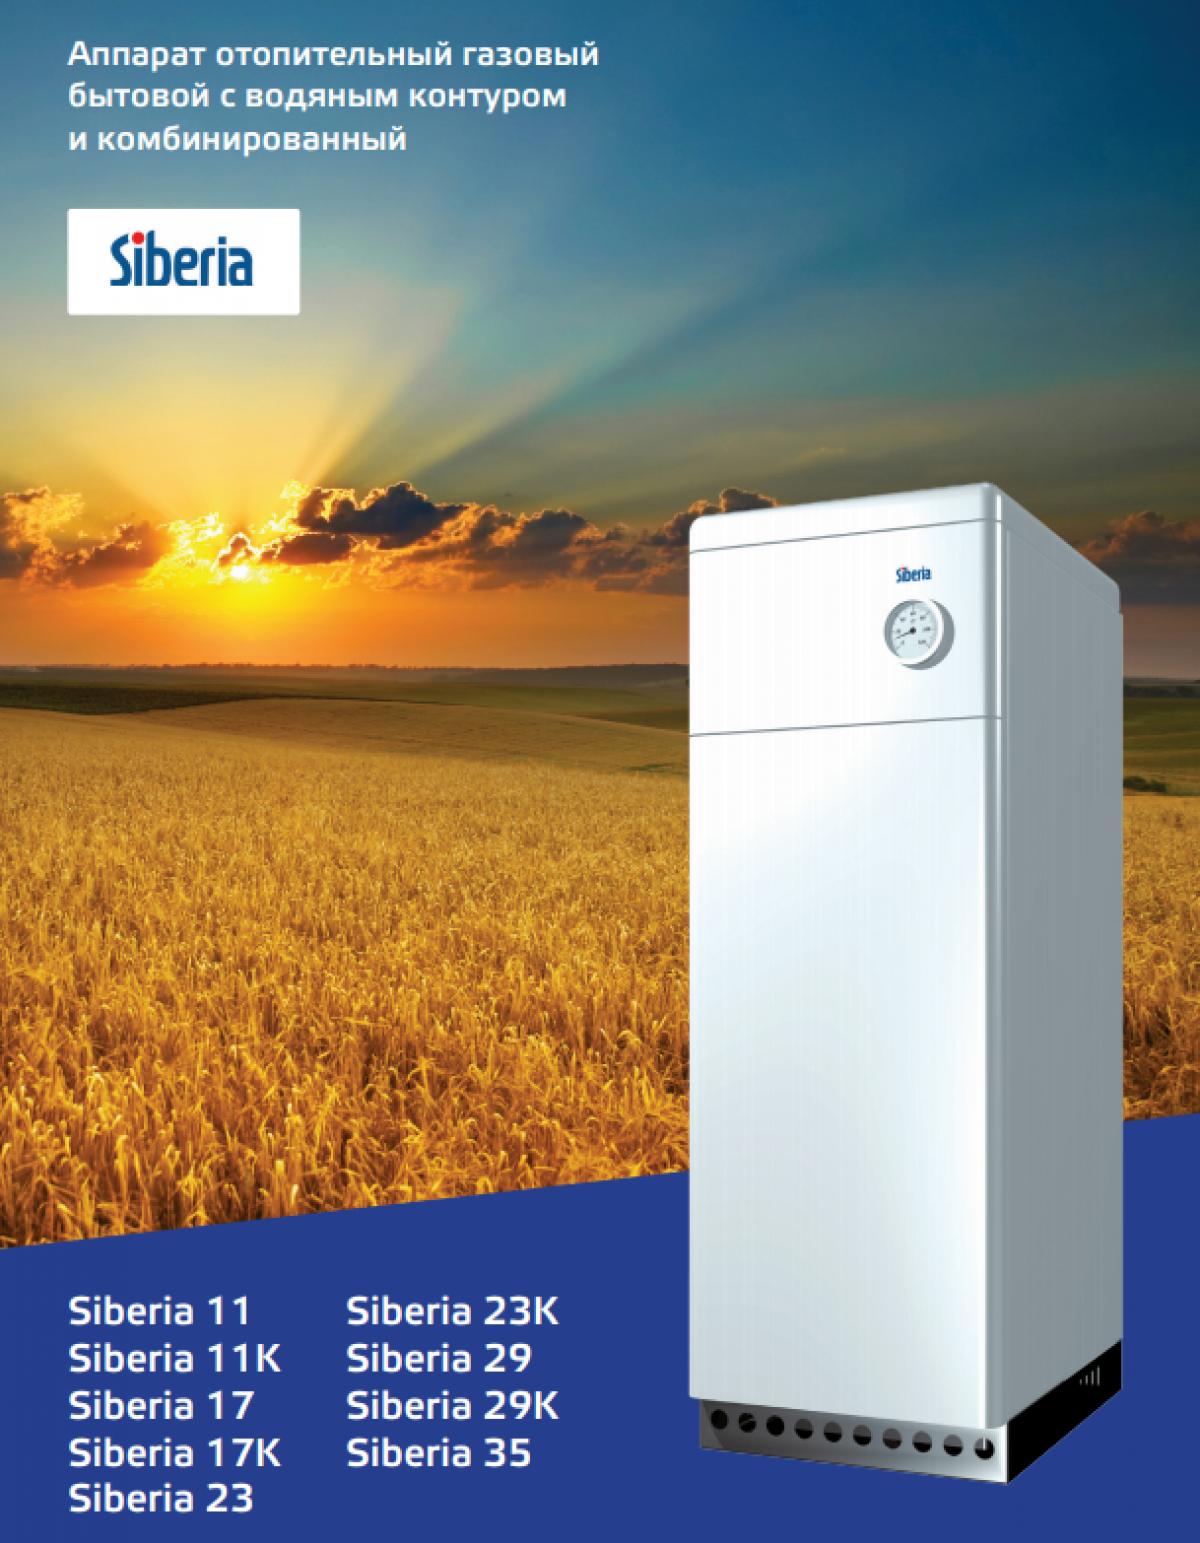 Газовые котлы сибирия: описание, технические характеристики, комплектация и обзор серий оборудования siberia